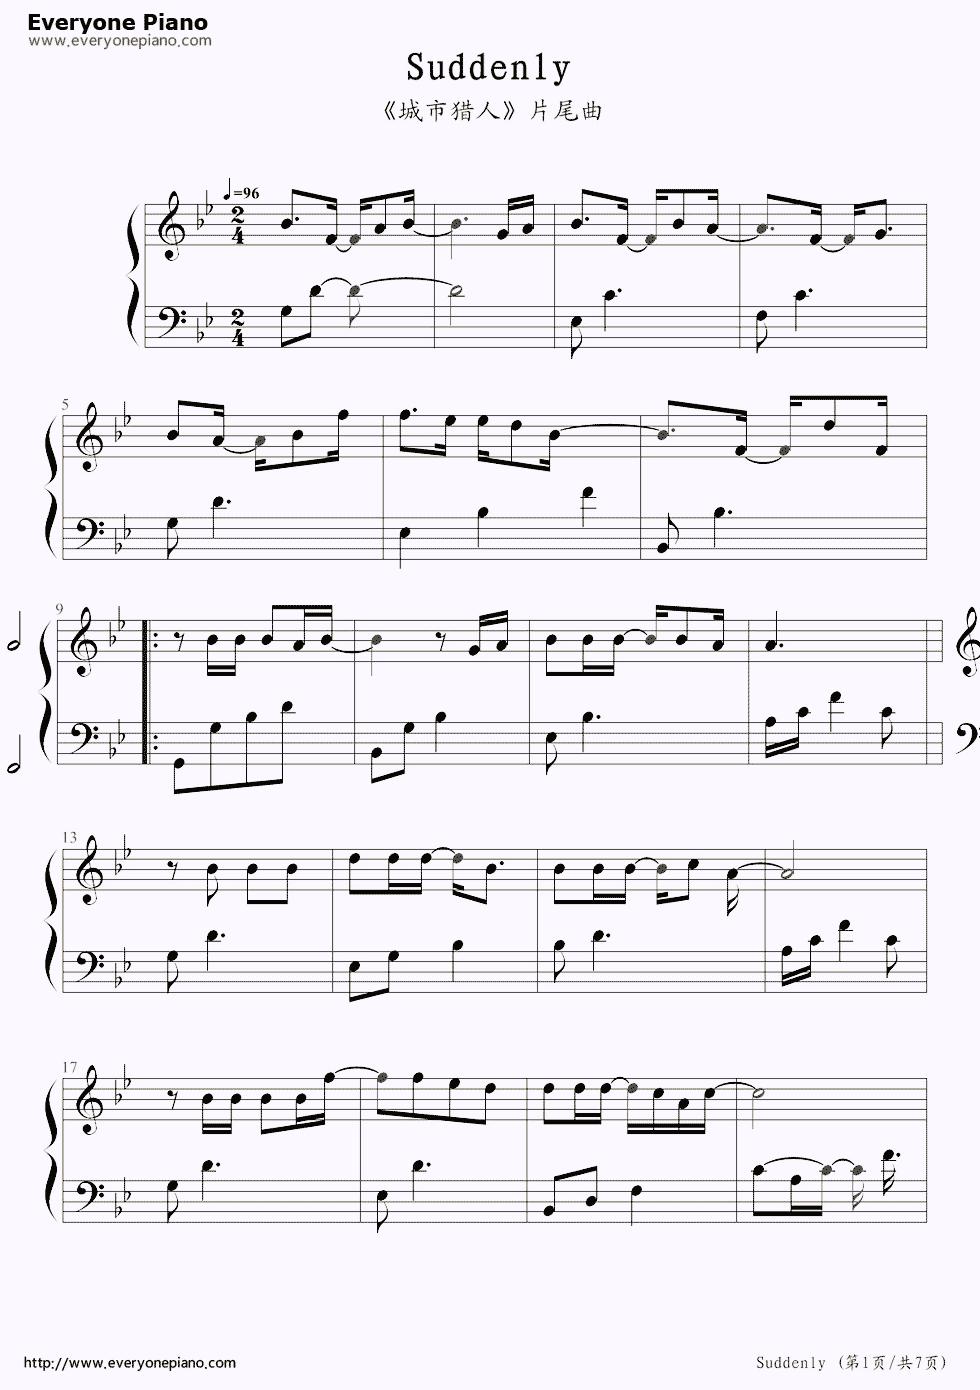 suddenly seymour sheet music free pdf